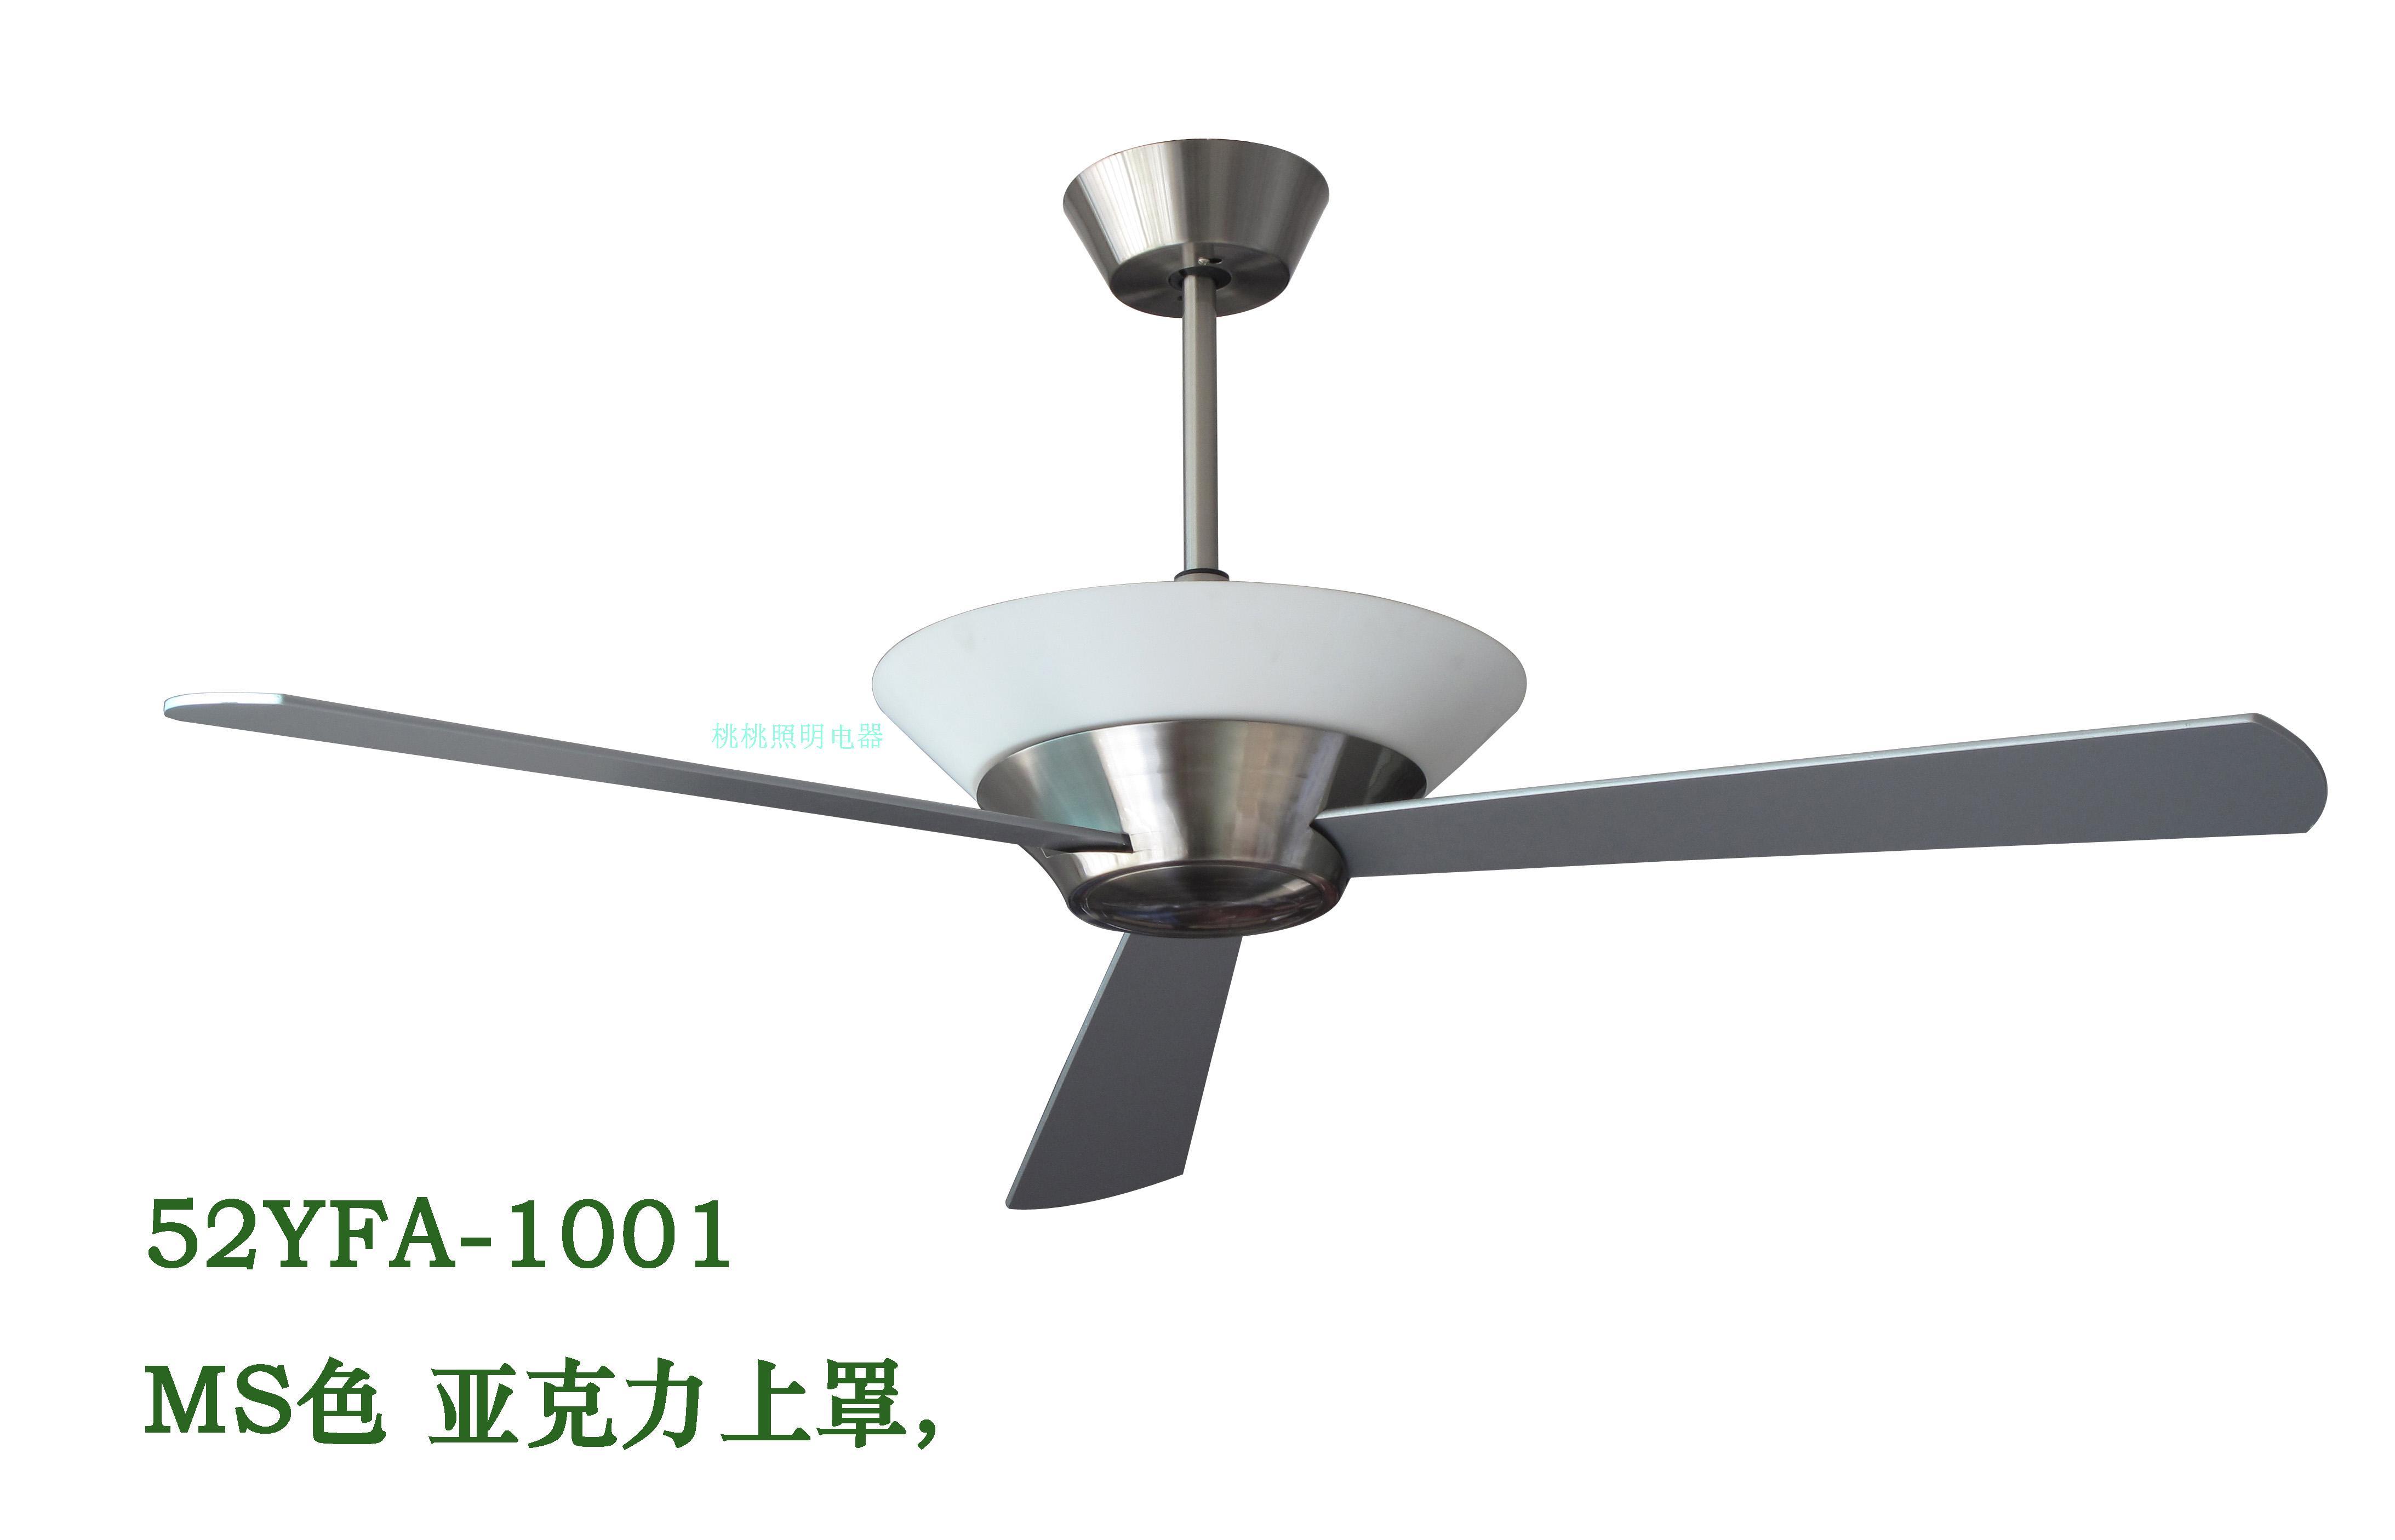 Потолочный вентилятор Yongyi Yufeng  YFA-5001